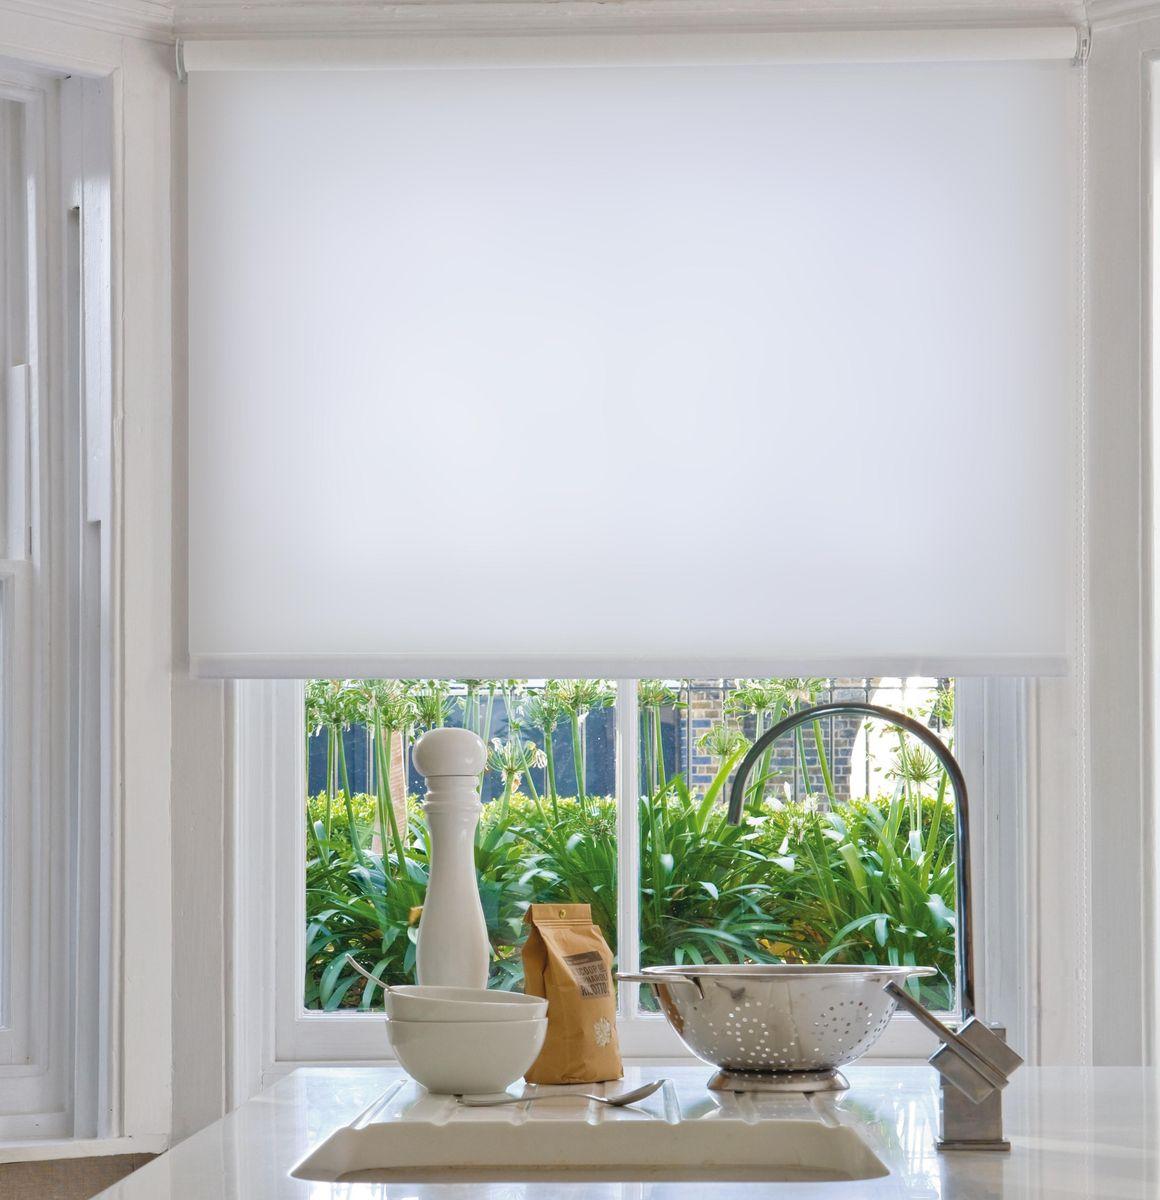 Штора рулонная Эскар, цвет: белый, ширина 140 см, высота 170 см1004900000360Рулонными шторами Эскар можно оформлять окна как самостоятельно, так и использовать в комбинации с портьерами. Это поможет предотвратить выгорание дорогой ткани на солнце и соединит функционал рулонных с красотой навесных. Преимущества применения рулонных штор для пластиковых окон: - имеют прекрасный внешний вид: многообразие и фактурность материала изделия отлично смотрятся в любом интерьере;- многофункциональны: есть возможность подобрать шторы способные эффективно защитить комнату от солнца, при этом она не будет слишком темной;- есть возможность осуществить быстрый монтаж.ВНИМАНИЕ! Размеры ширины изделия указаны по ширине ткани! Во время эксплуатации не рекомендуется полностью разматывать рулон, чтобы не оторвать ткань от намоточного вала. В случае загрязнения поверхности ткани, чистку шторы проводят одним из способов, в зависимости от типа загрязнения:легкое поверхностное загрязнение можно удалить при помощи канцелярского ластика;чистка от пыли производится сухим методом при помощи пылесоса с мягкой щеткой-насадкой;для удаления пятна используйте мягкую губку с пенообразующим неагрессивным моющим средством или пятновыводитель на натуральной основе (нельзя применять растворители).